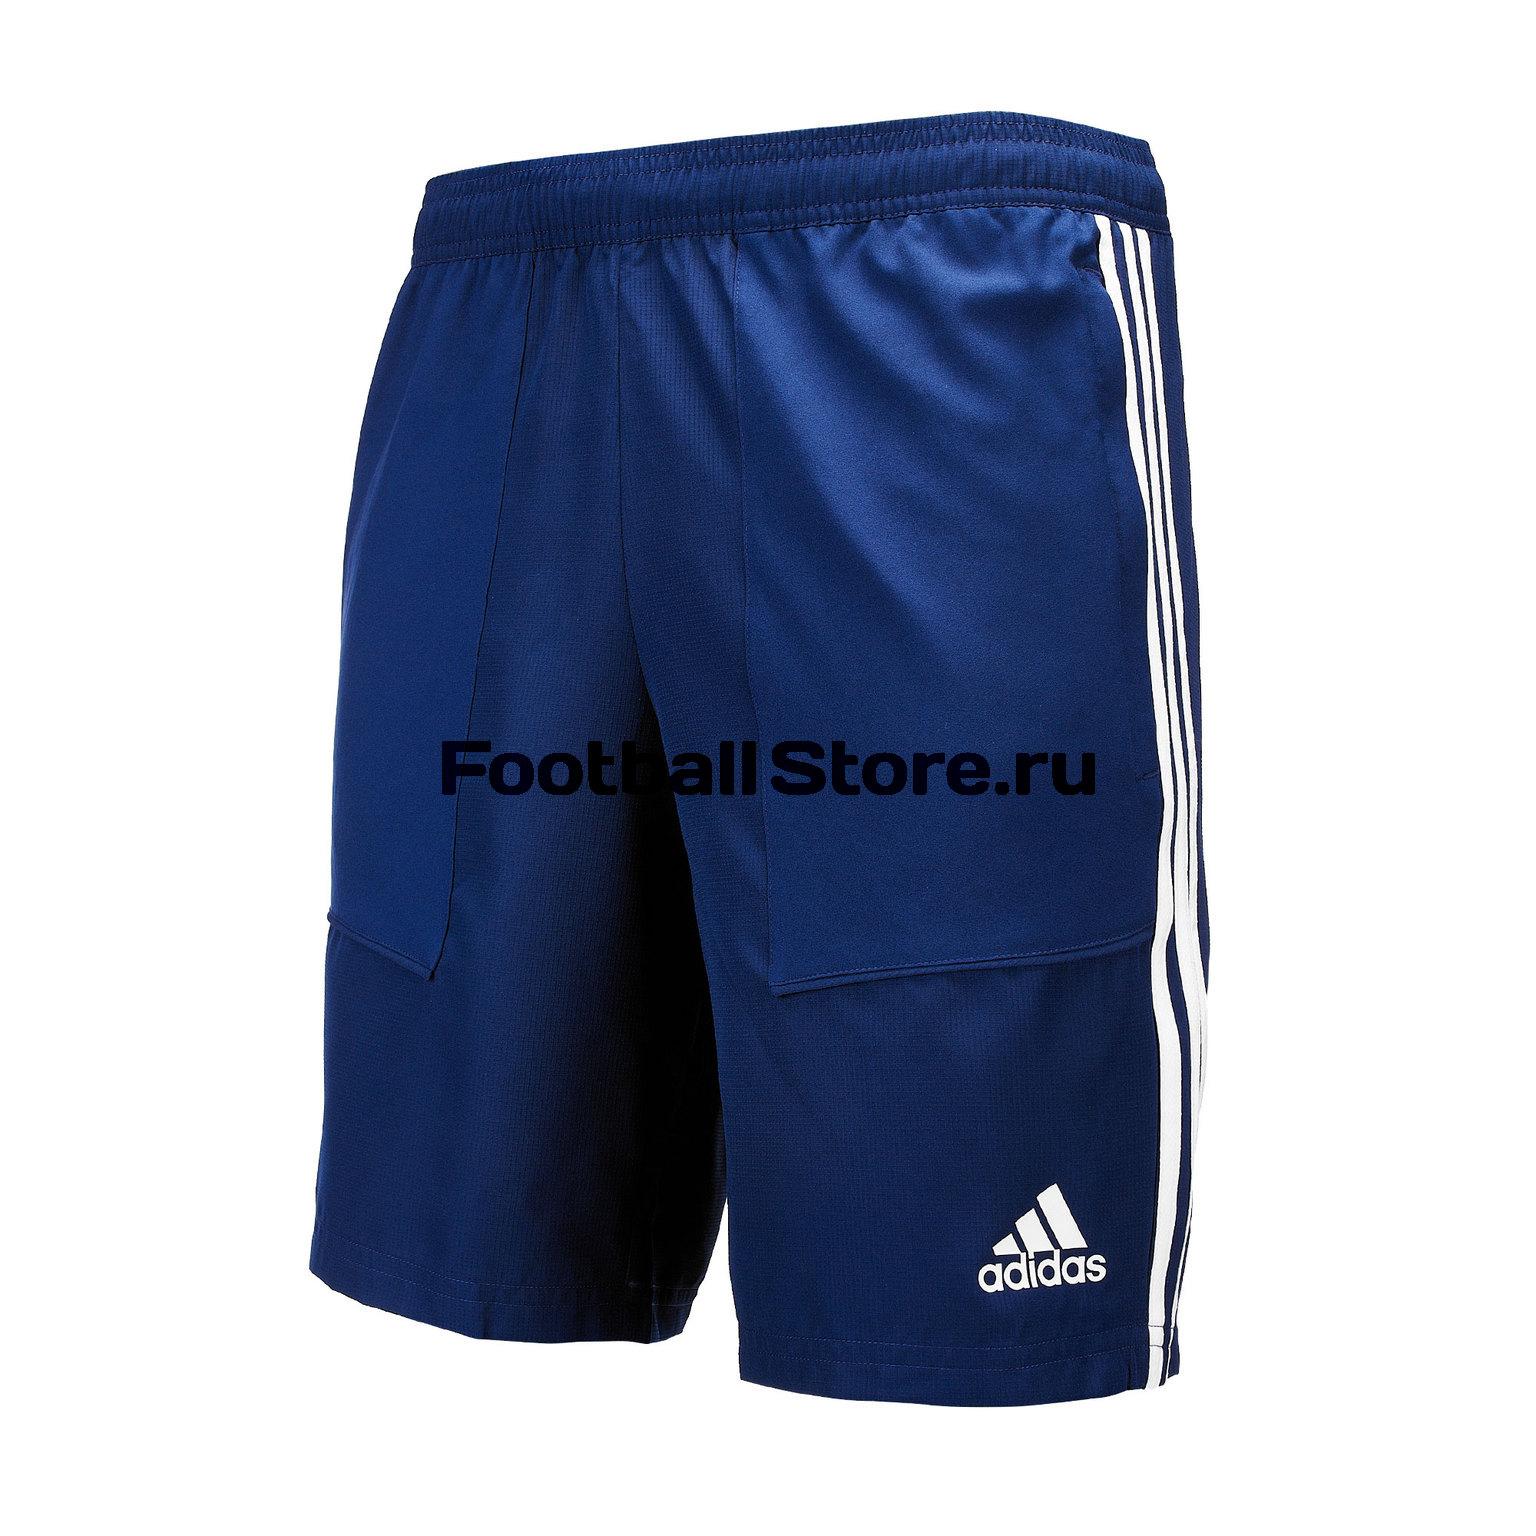 Шорты тренировочные Adidas Tiro19 Wov Sho DT5782 шорты для мальчика adidas tiro17 wov shoy цвет черный ay2892 размер 128